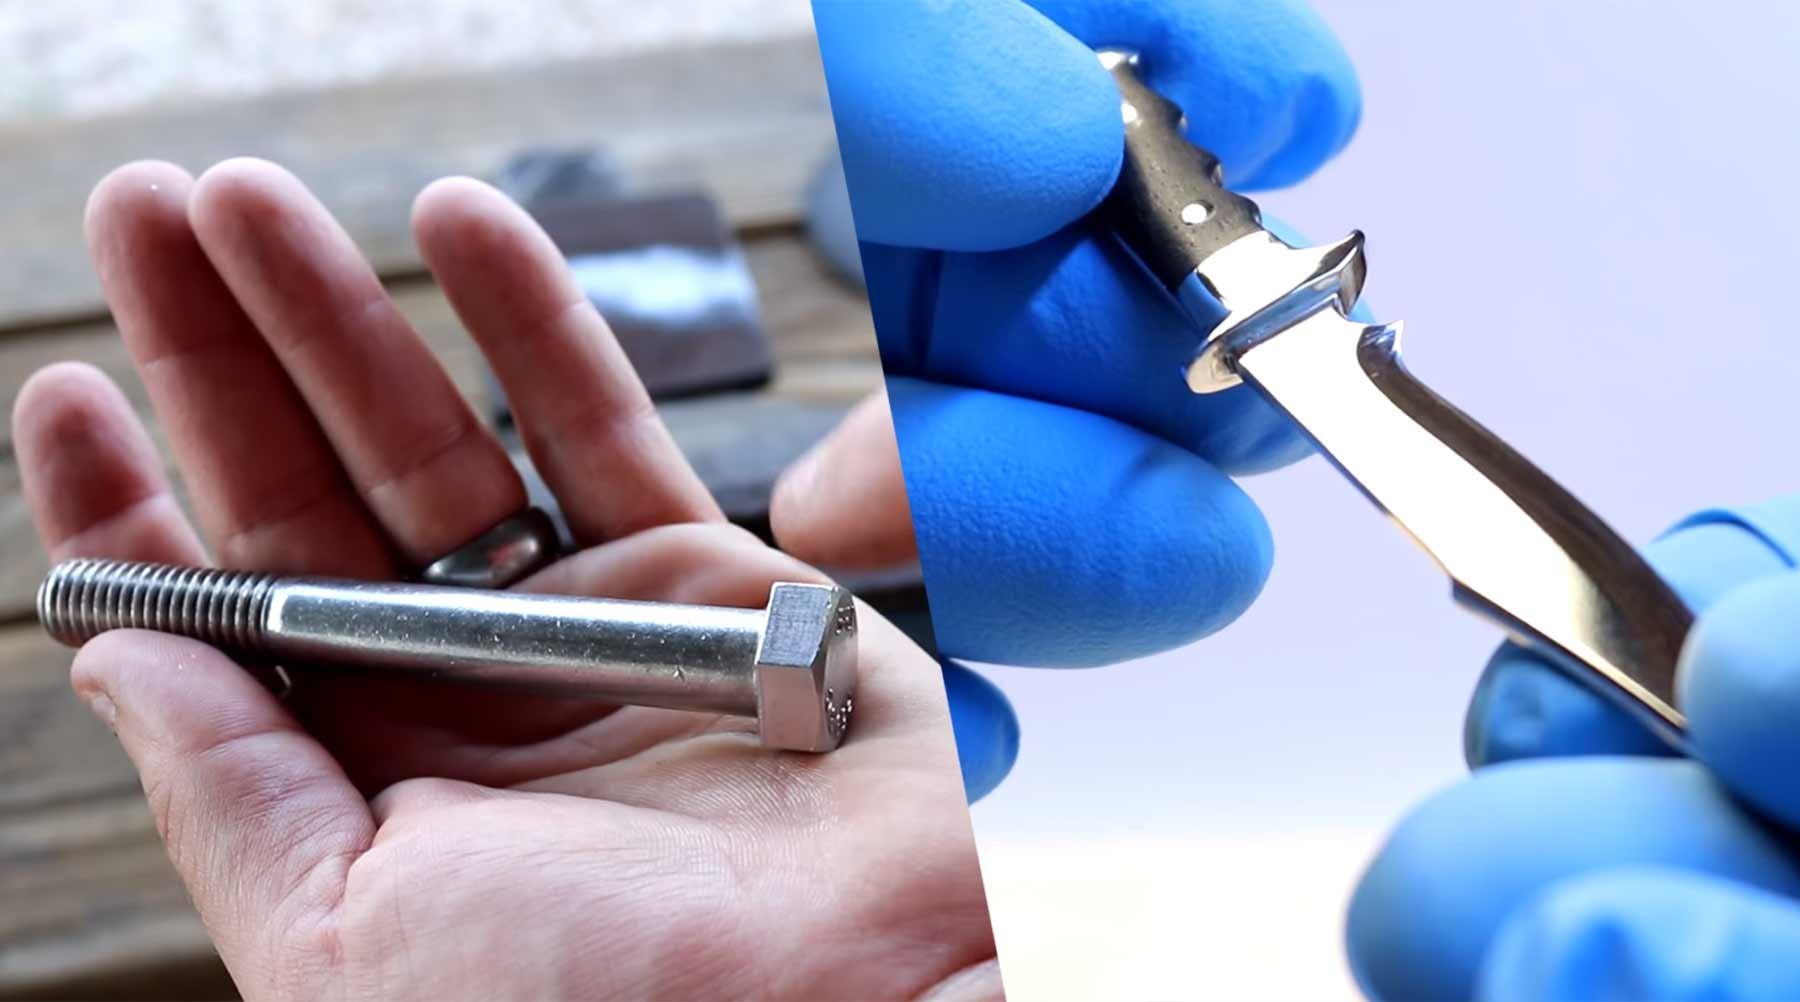 Aus großer Schraube ein kleines Messer handwerkeln messer-aus-schraube